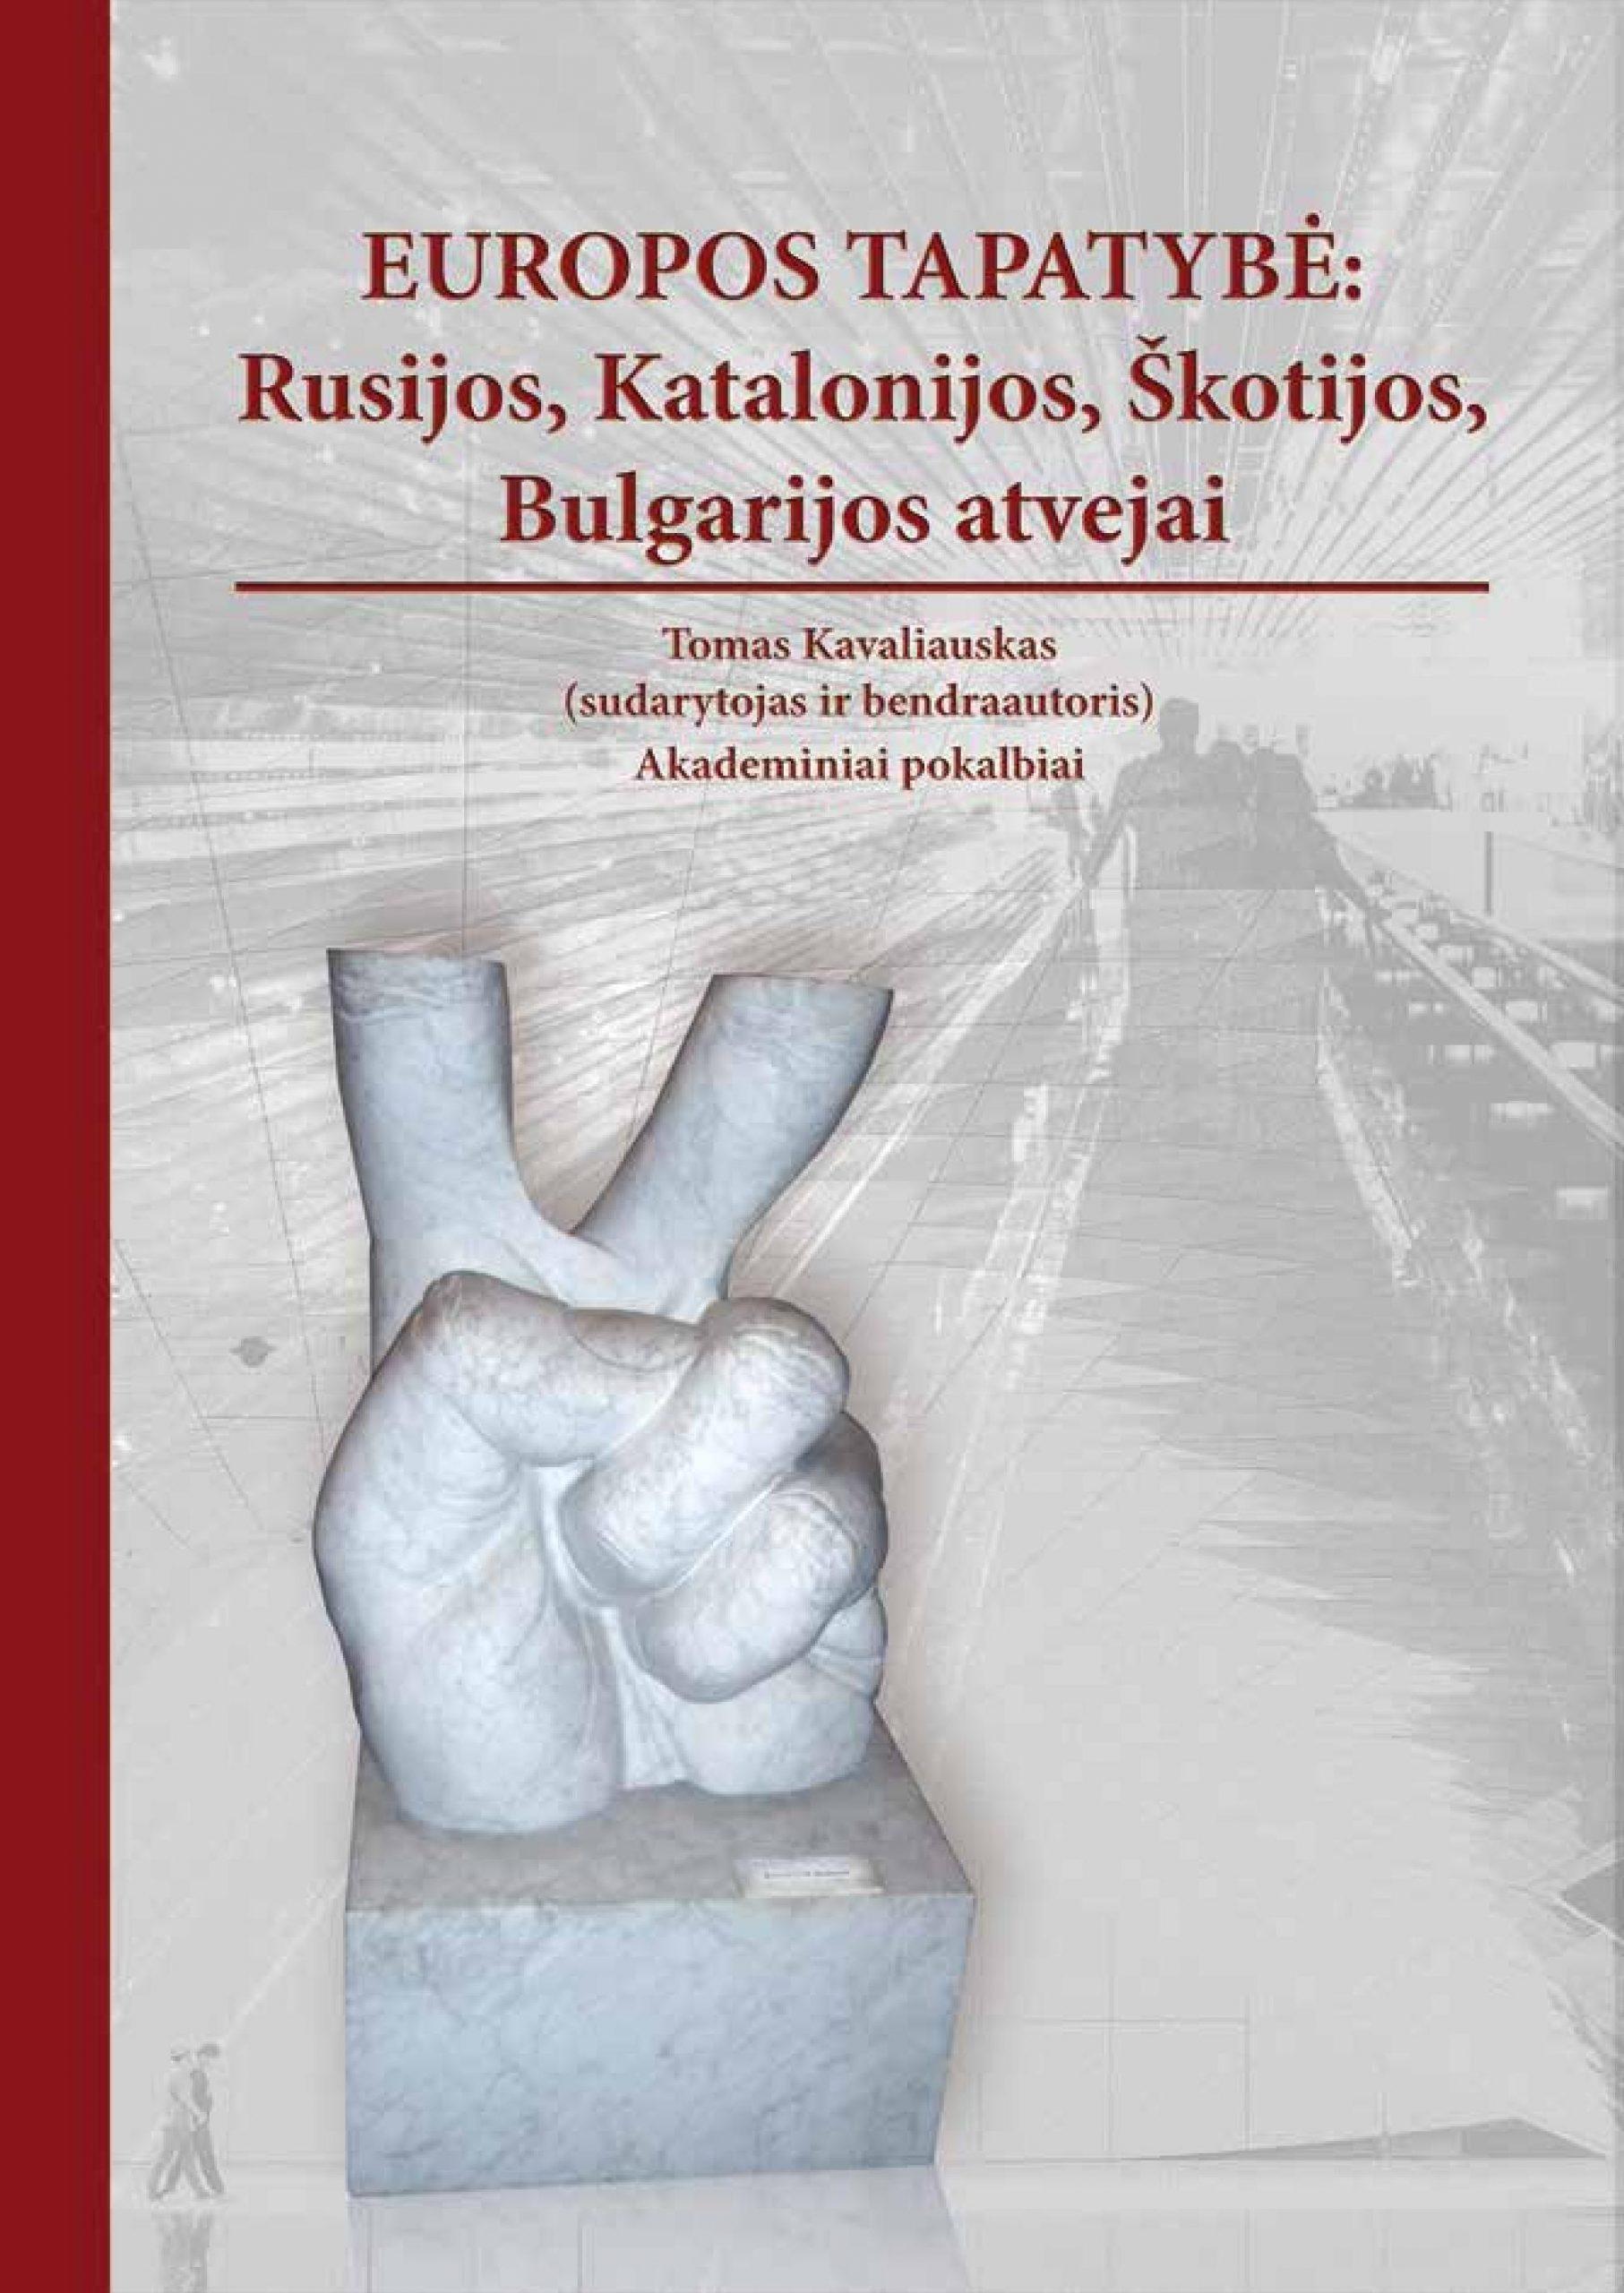 """Tomas Kavaliauskas. """"Europos tapatybė: Rusijos, Katalonijos, Škotijos, Bulgarijos atvejai"""" (Kaunas: 2020)"""